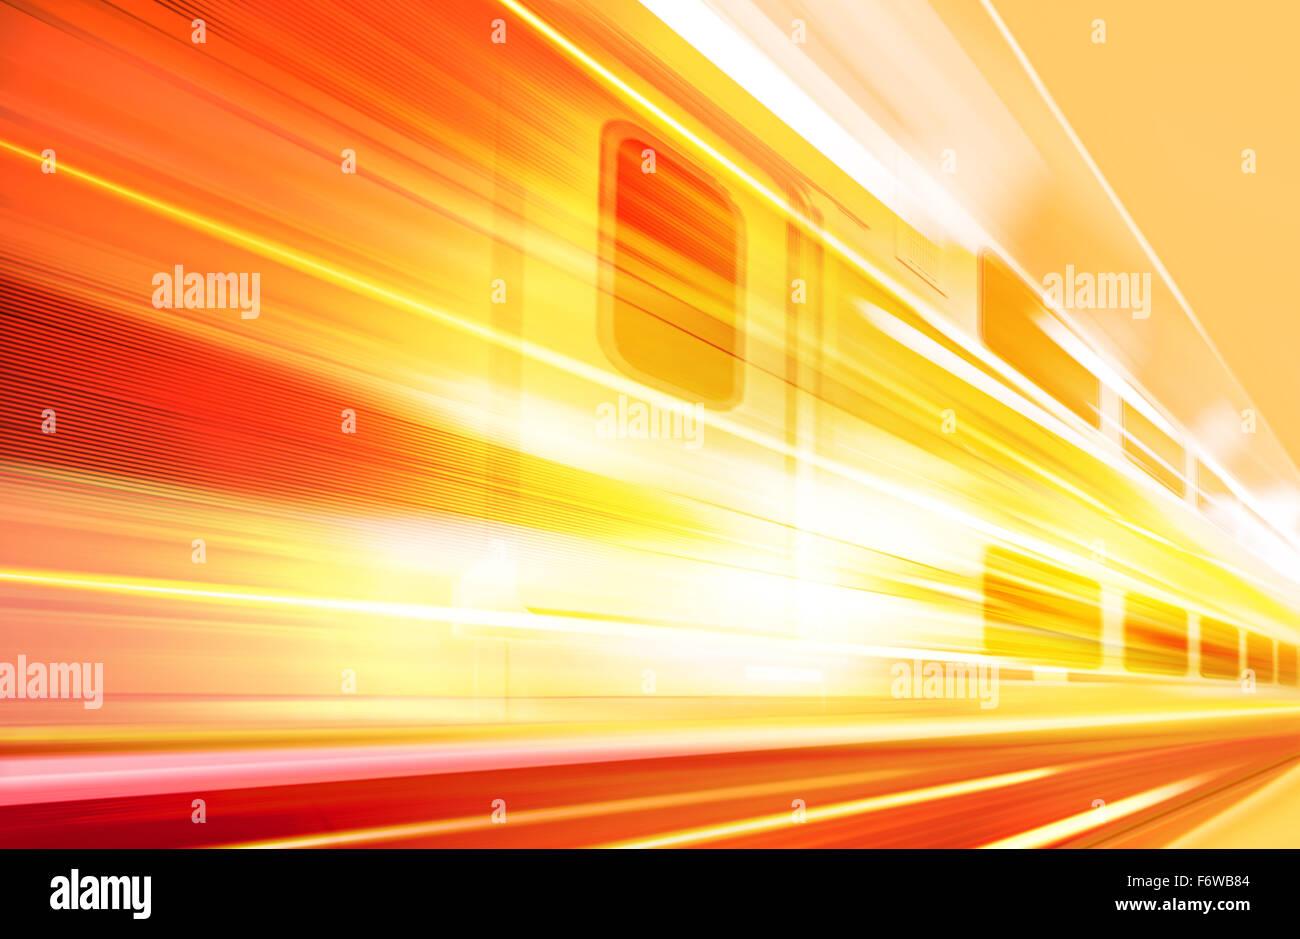 Hintergrund der Hochgeschwindigkeitszug mit Motion blur im freien Stockbild